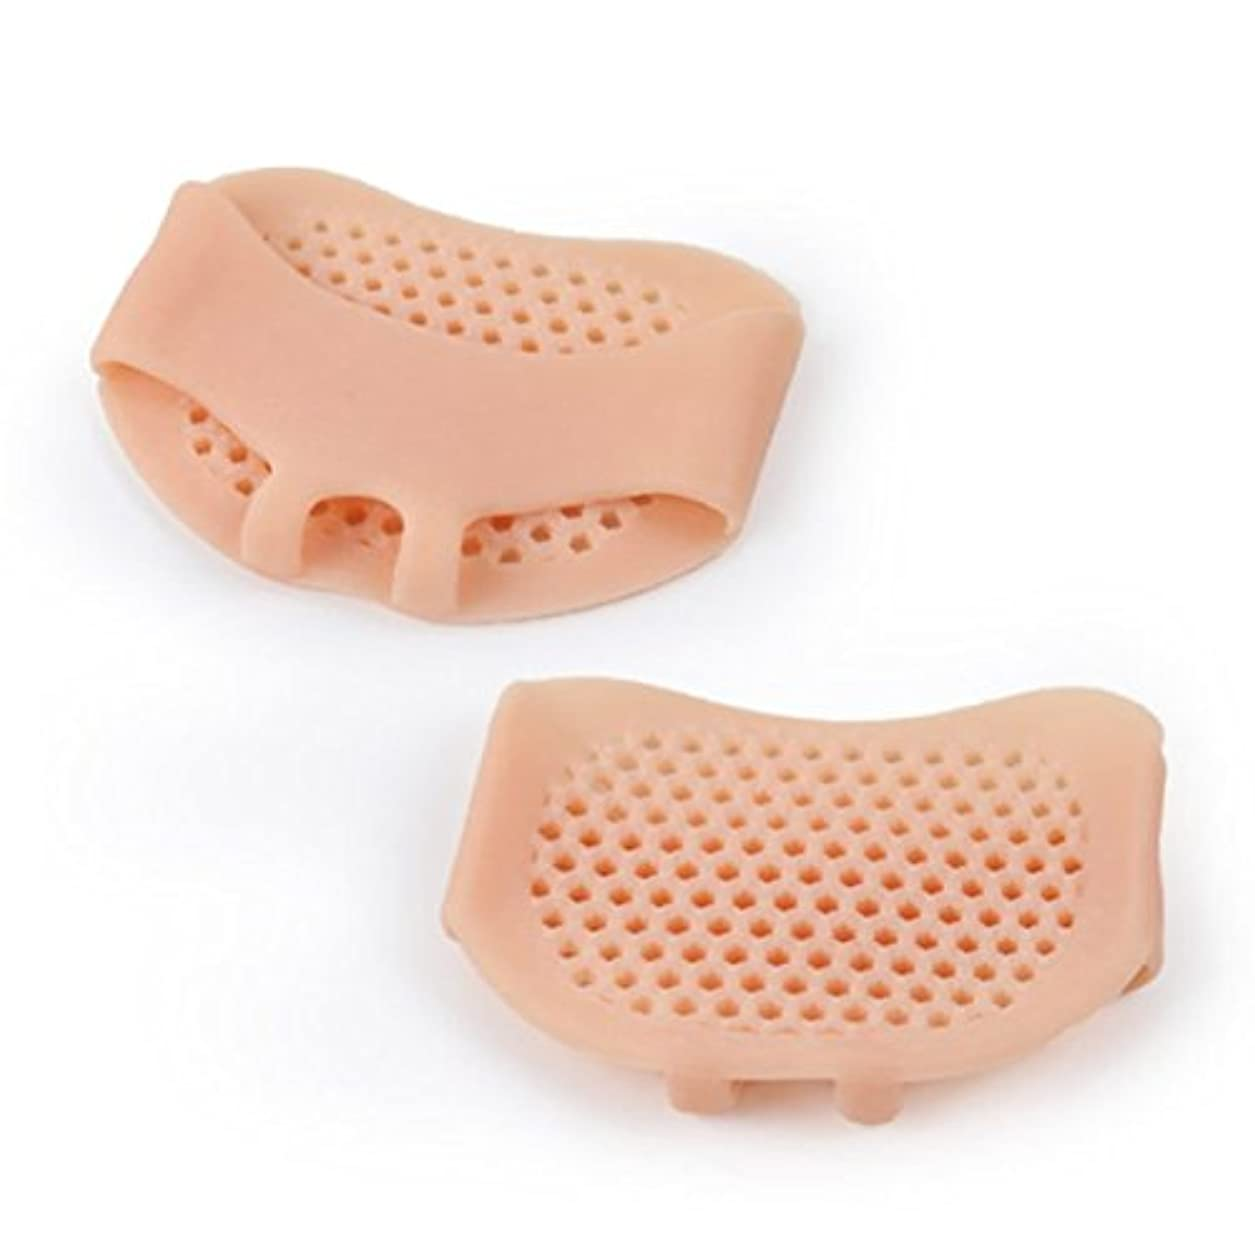 貝殻カール津波通気性のあるソフトシリコン女性インソールパッド滑り止め快適な女性フロントフットケアクッションハイヒール靴パッド-肌の色